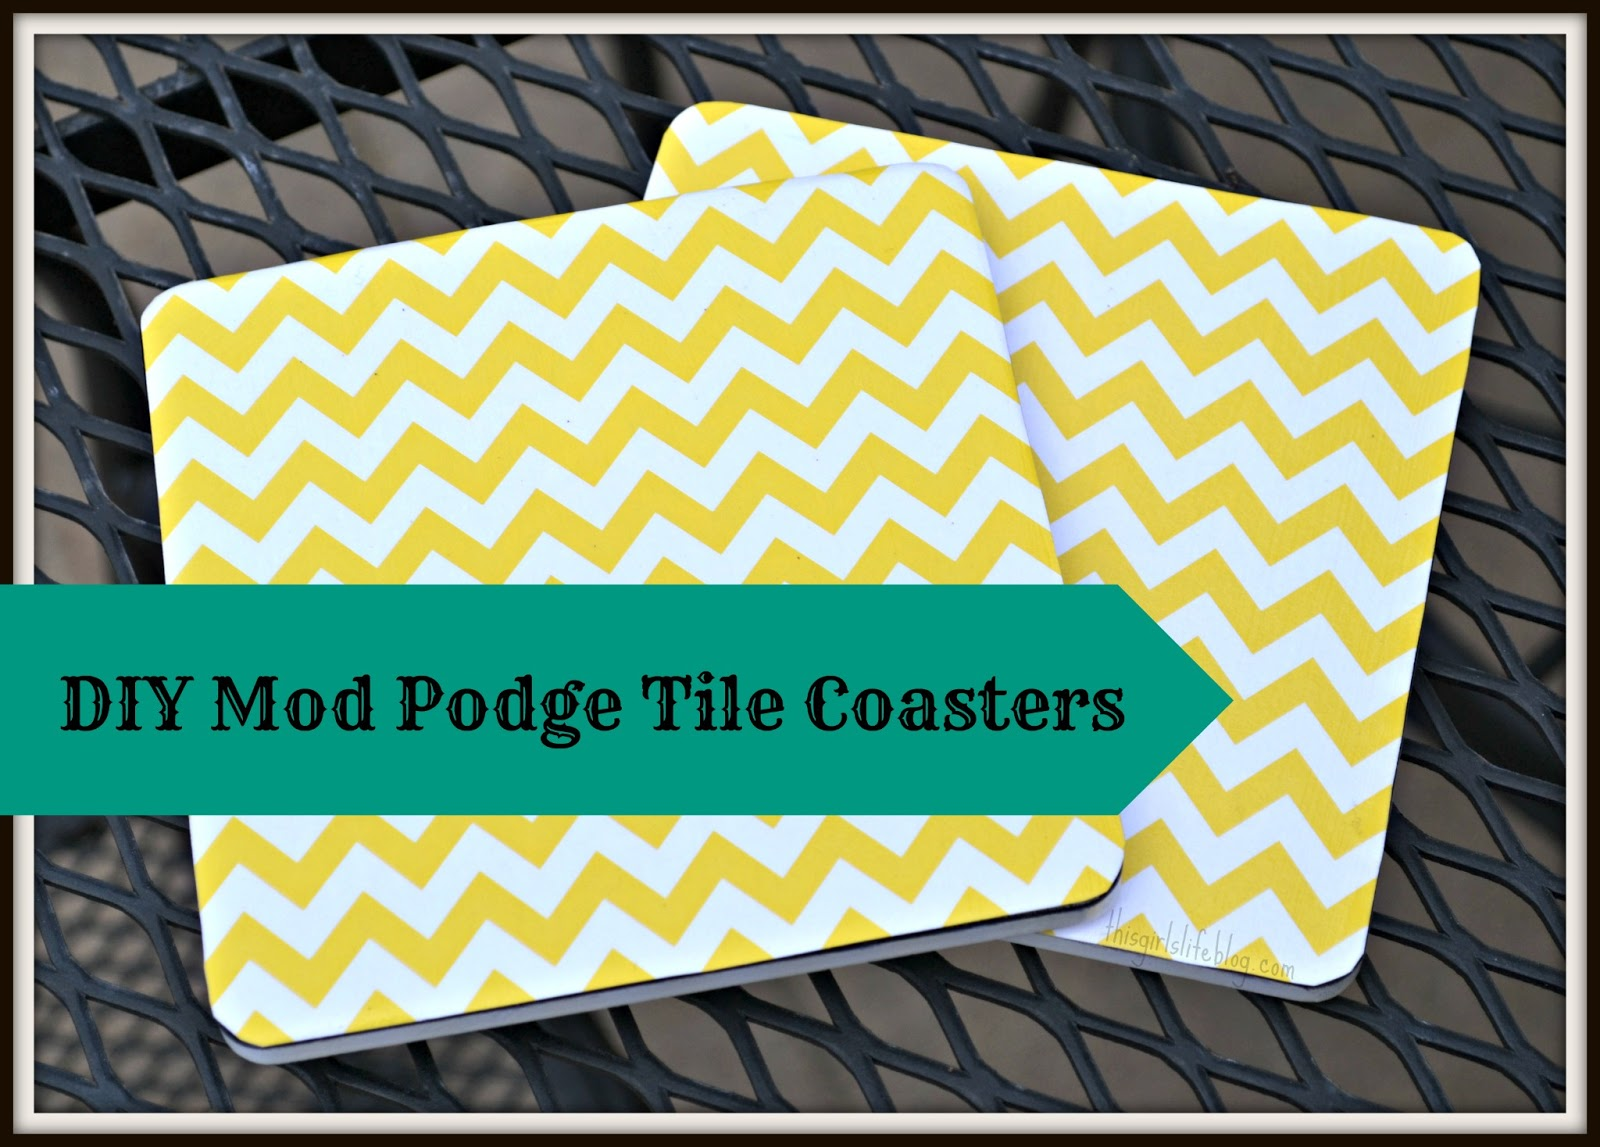 Juripunek diy mod podge tile coasters for Diy using mod podge